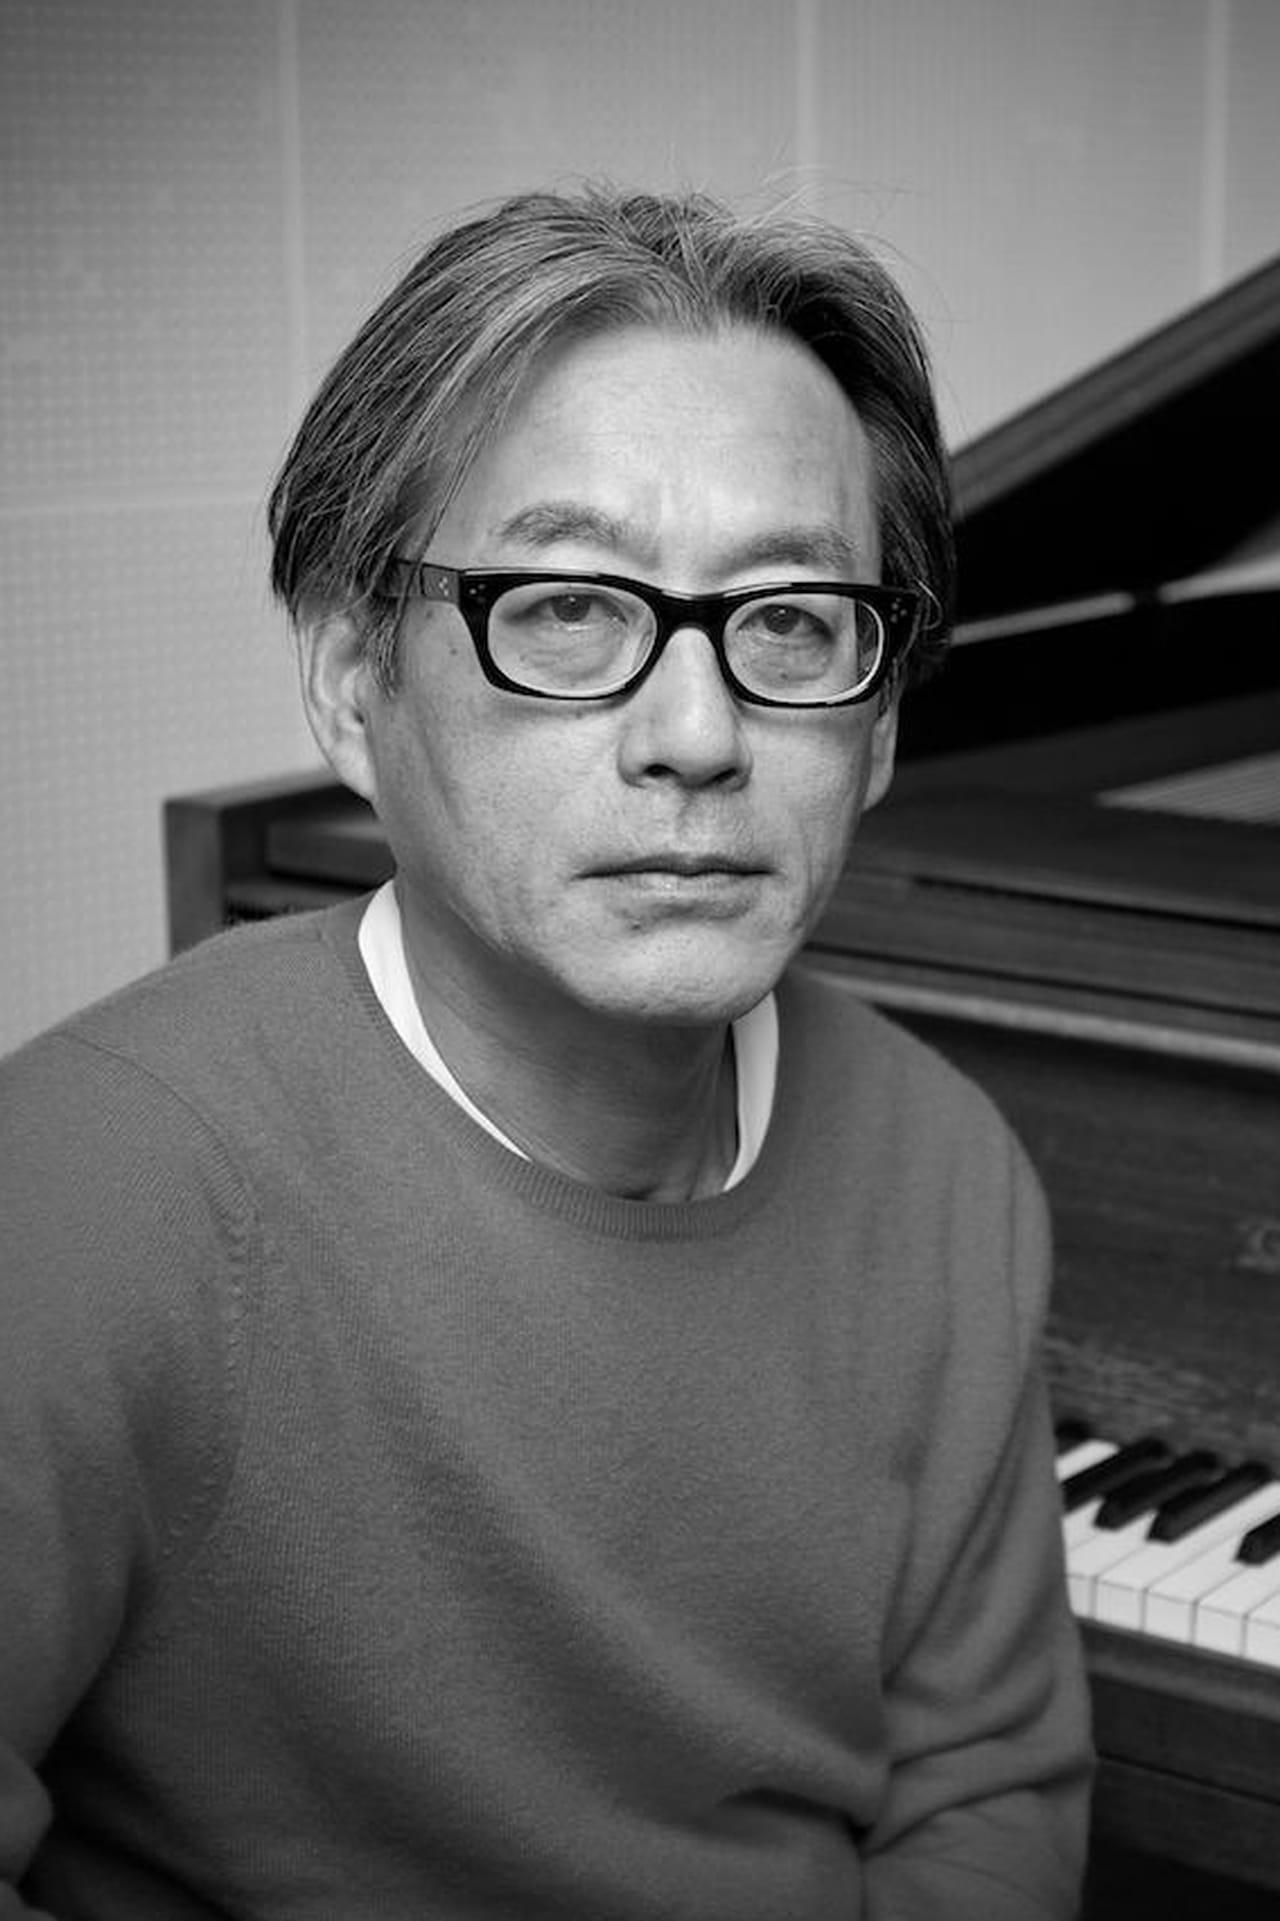 Umebayashi Shigeru